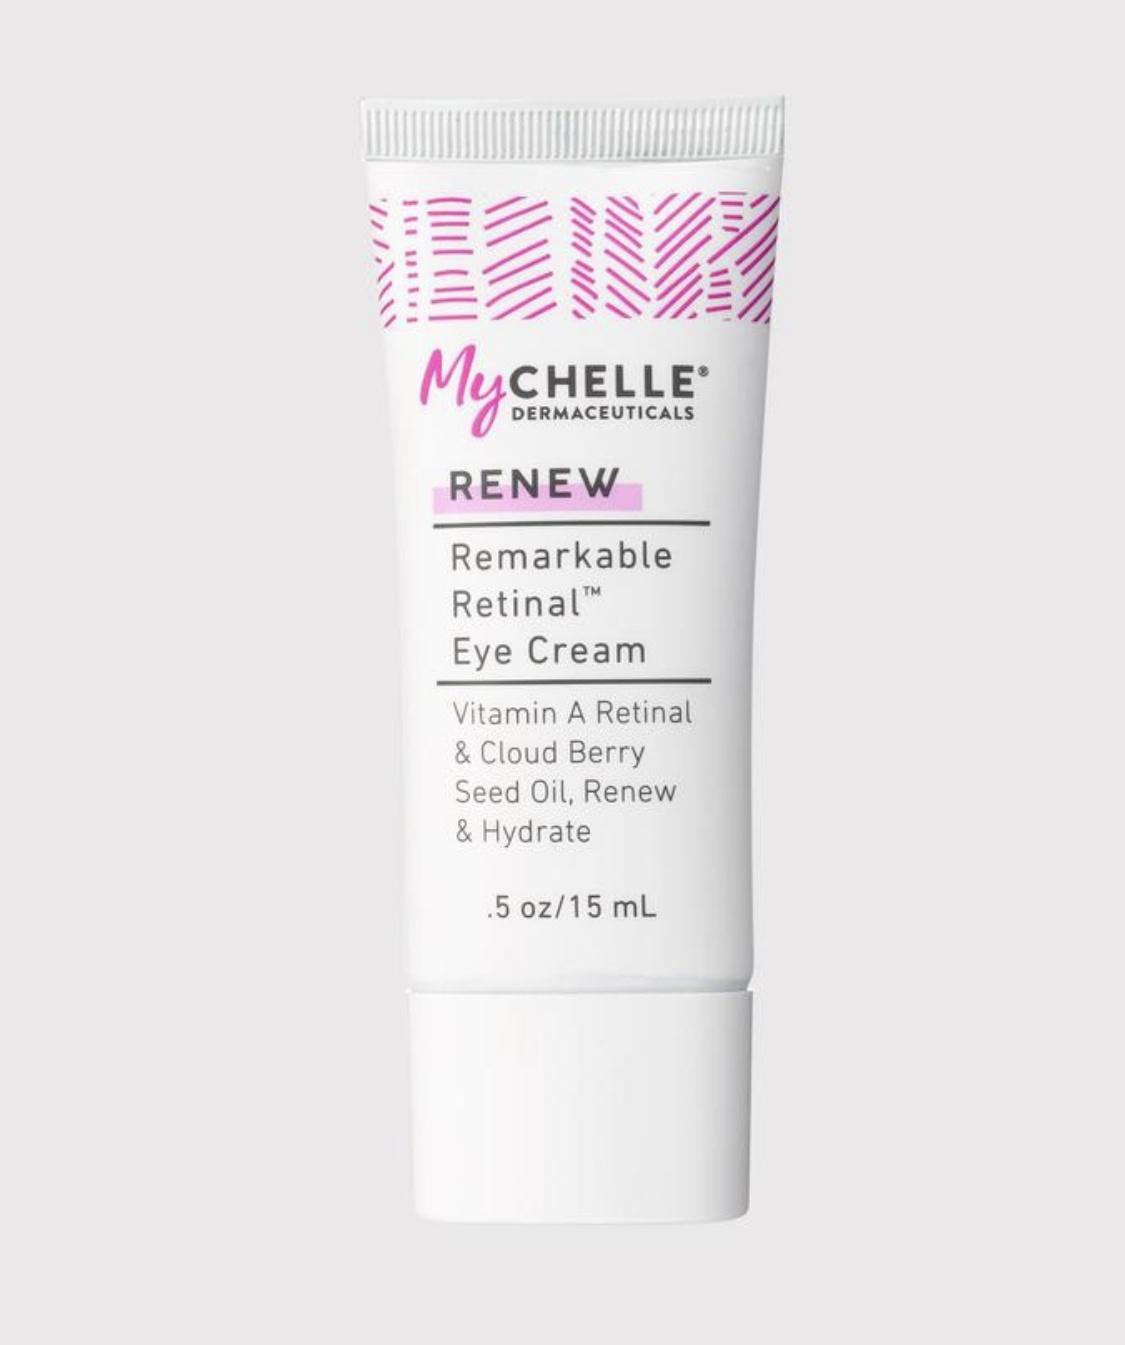 MyChelle Dermaceuticals Remarkable Retinal Eye Cream